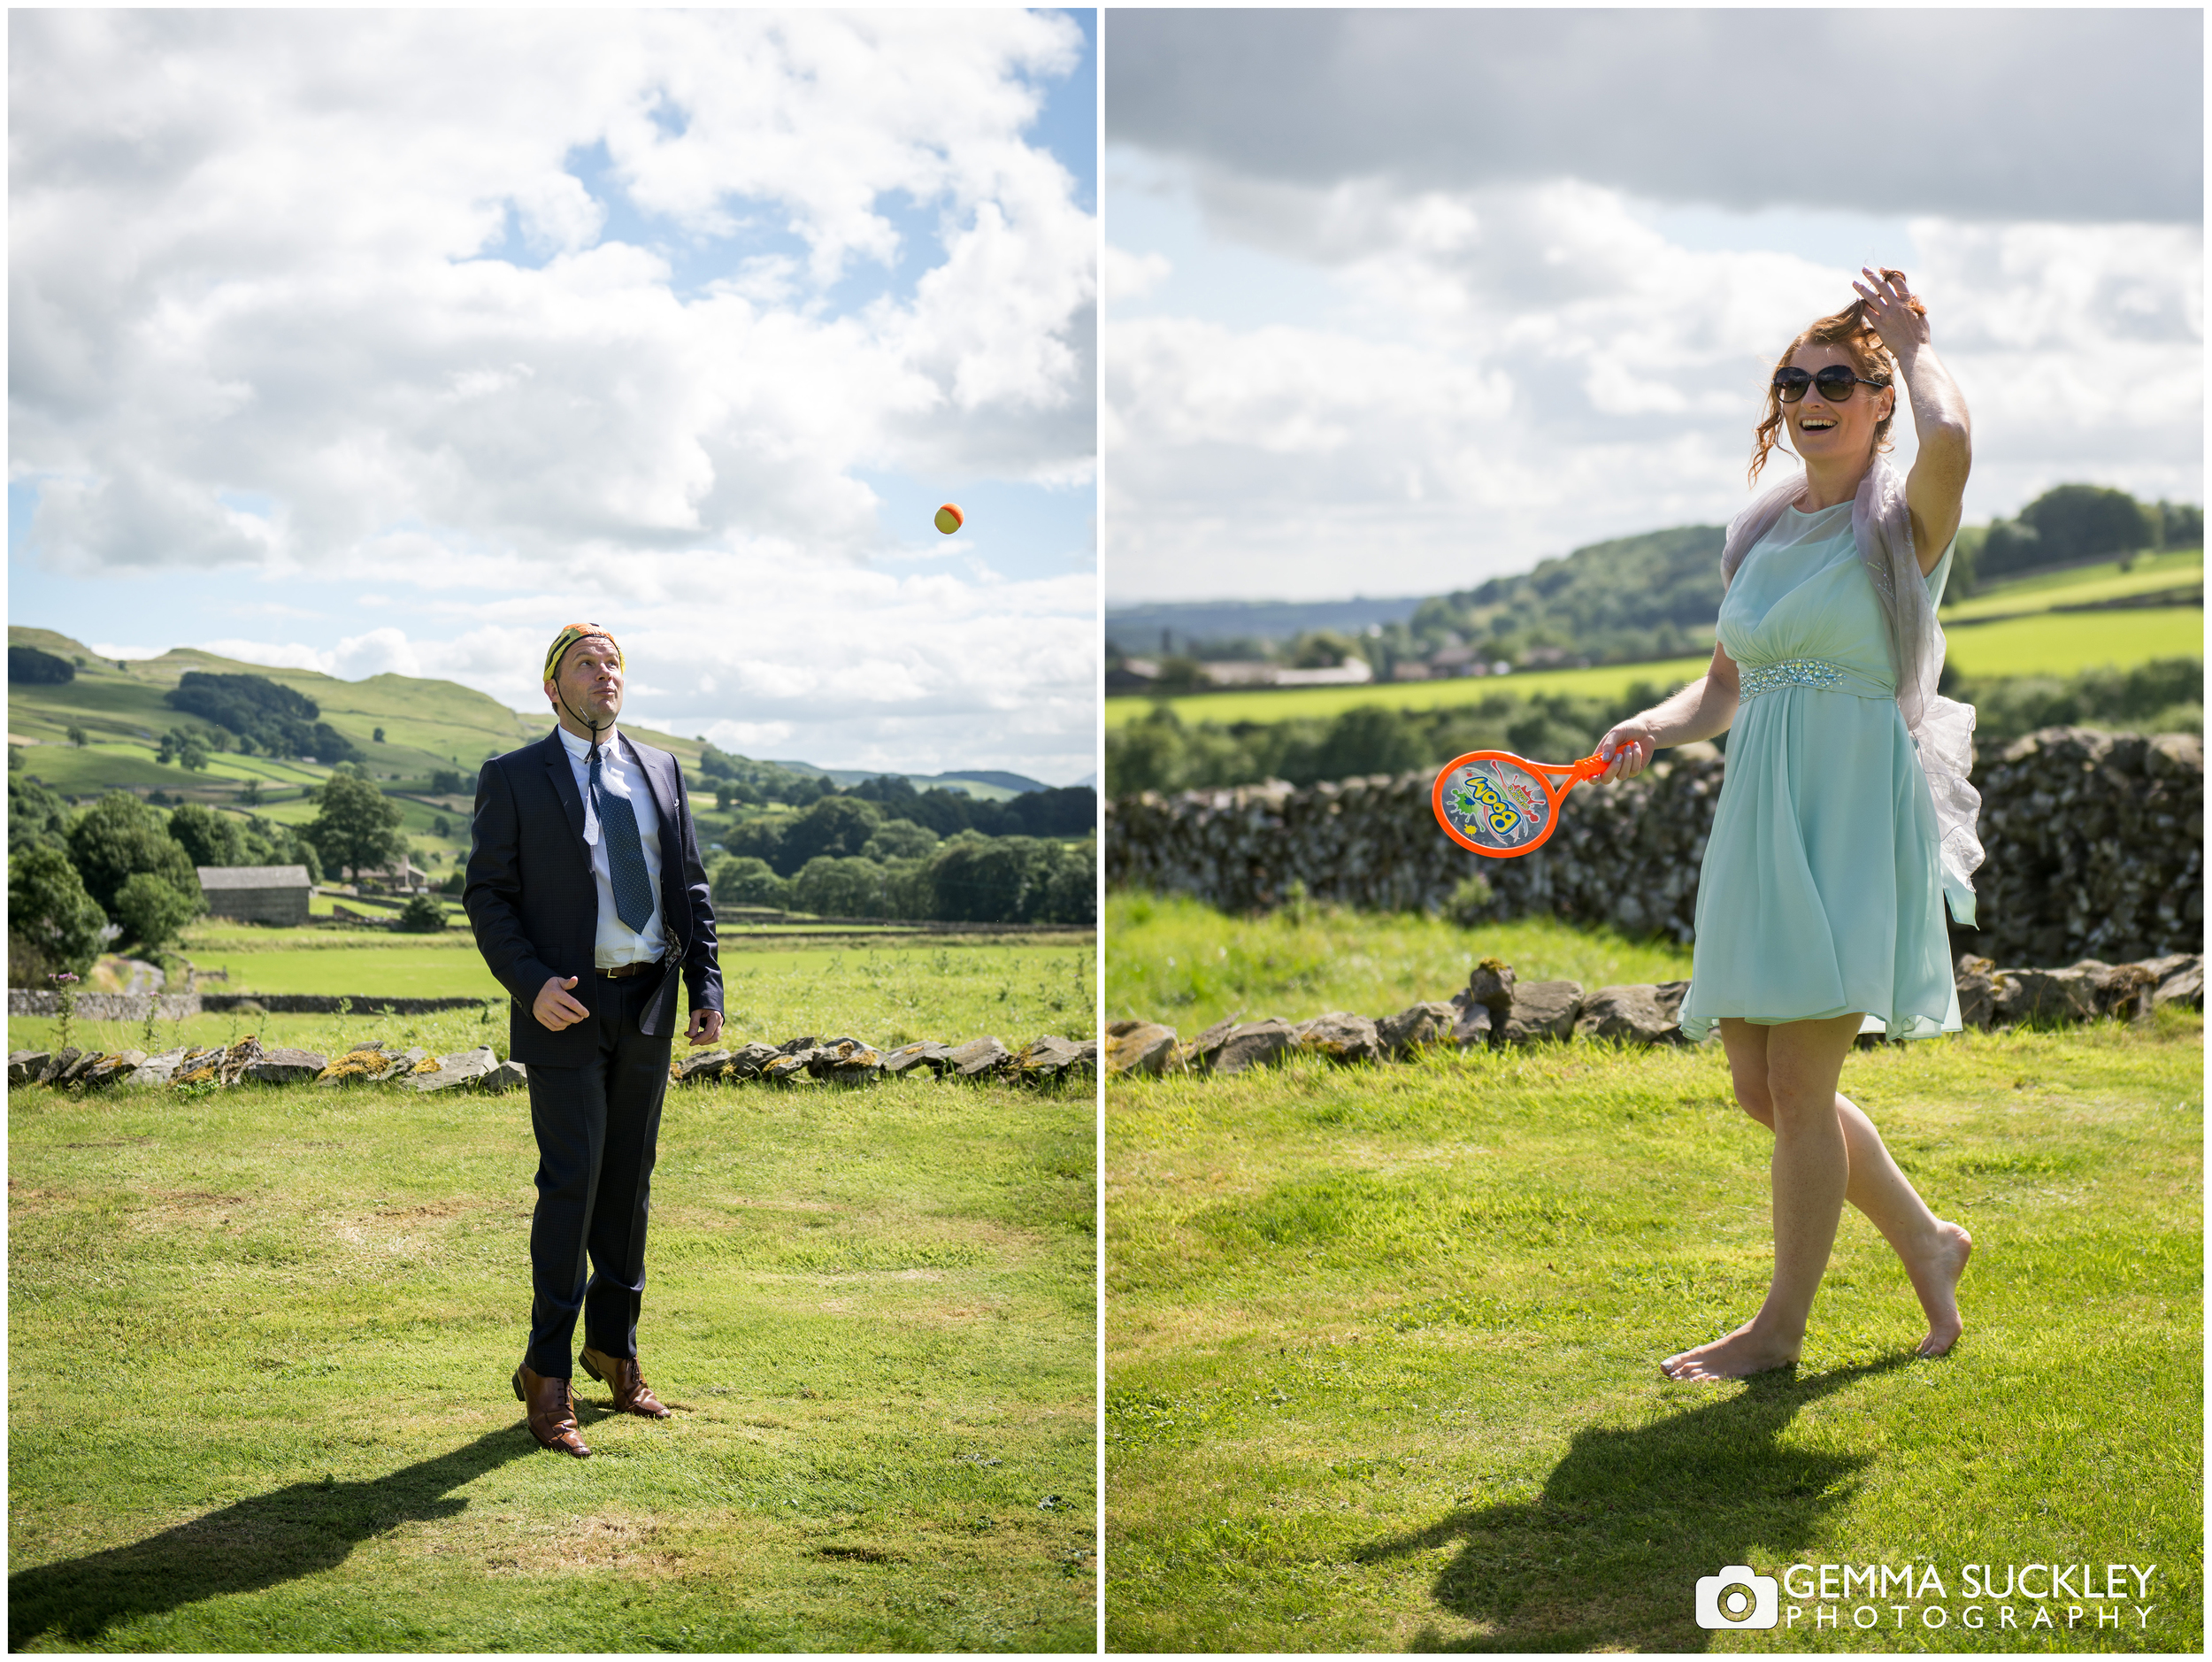 wedding-lawn-games.jpg